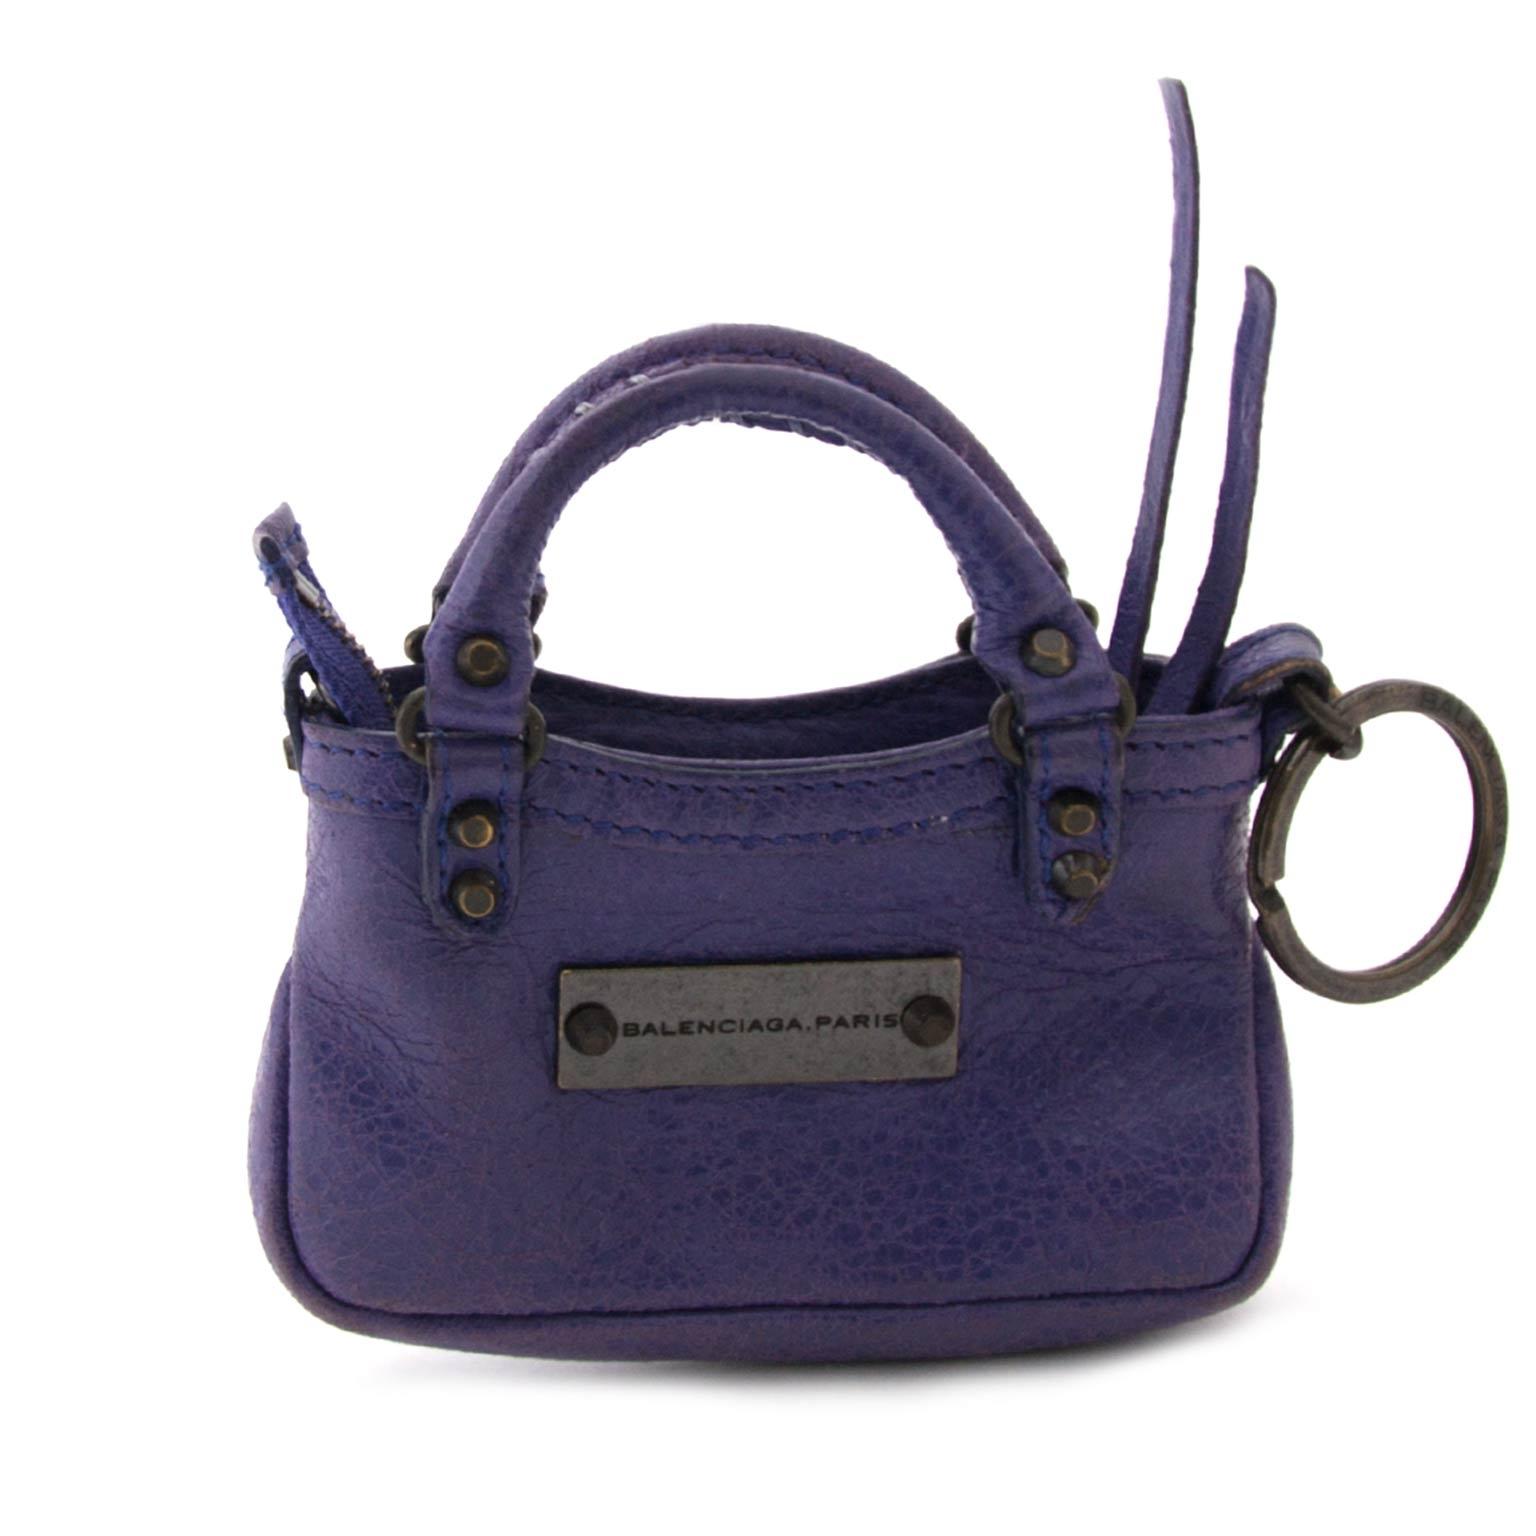 koop veilig online aan de beste prijs Balenciaga Mini First Bag Charm